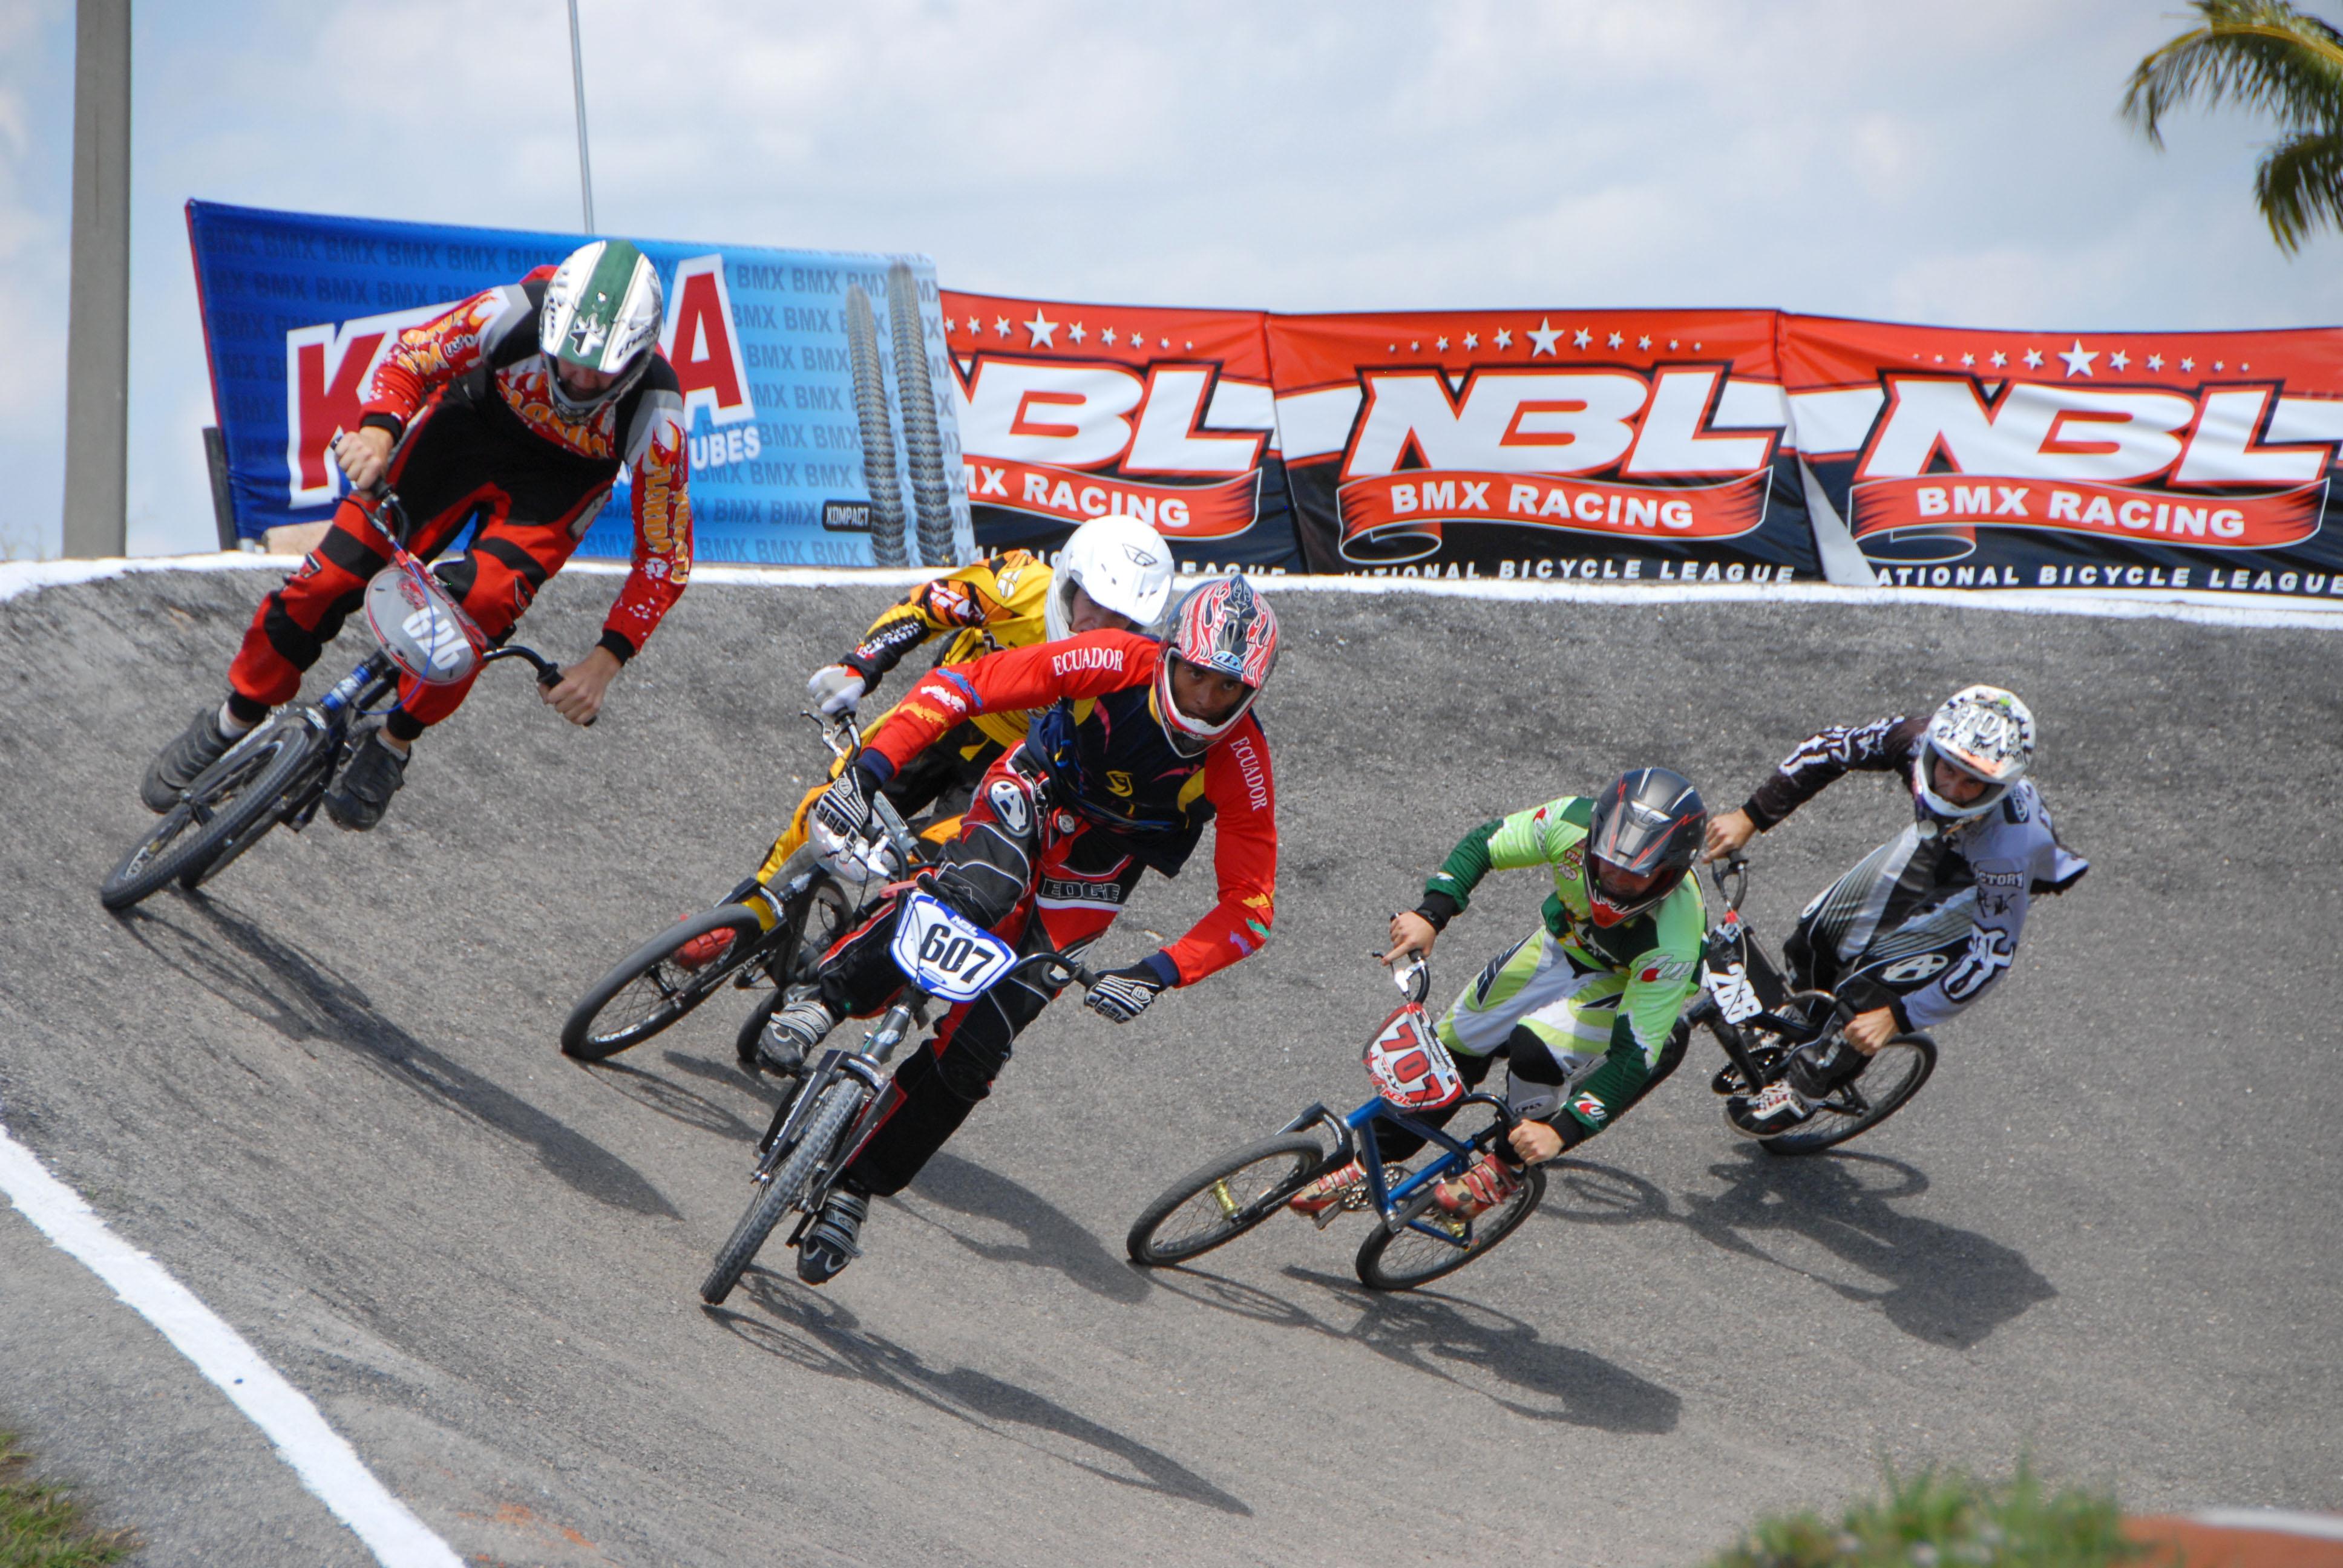 BMX_Okeeheelee_2.jpg